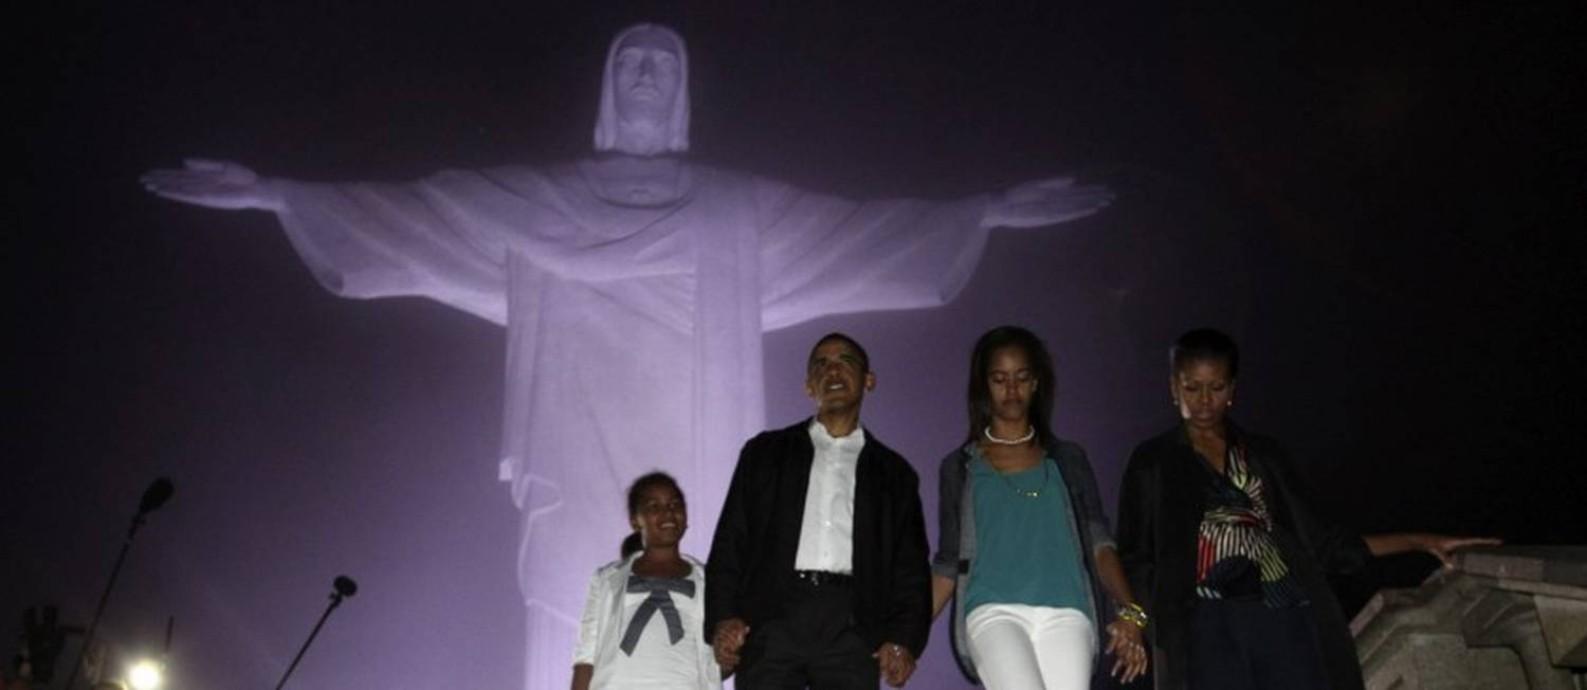 O então presidente dos Estados Unidos Barack Obama, a primeira-dama Michelle Obama e as suas filhas Sasha (e) e Malia no Cristo Redentor em viagem ao Rio de Janeiro em março de 2011 Foto: JASON REED / Reuters 20-3-11